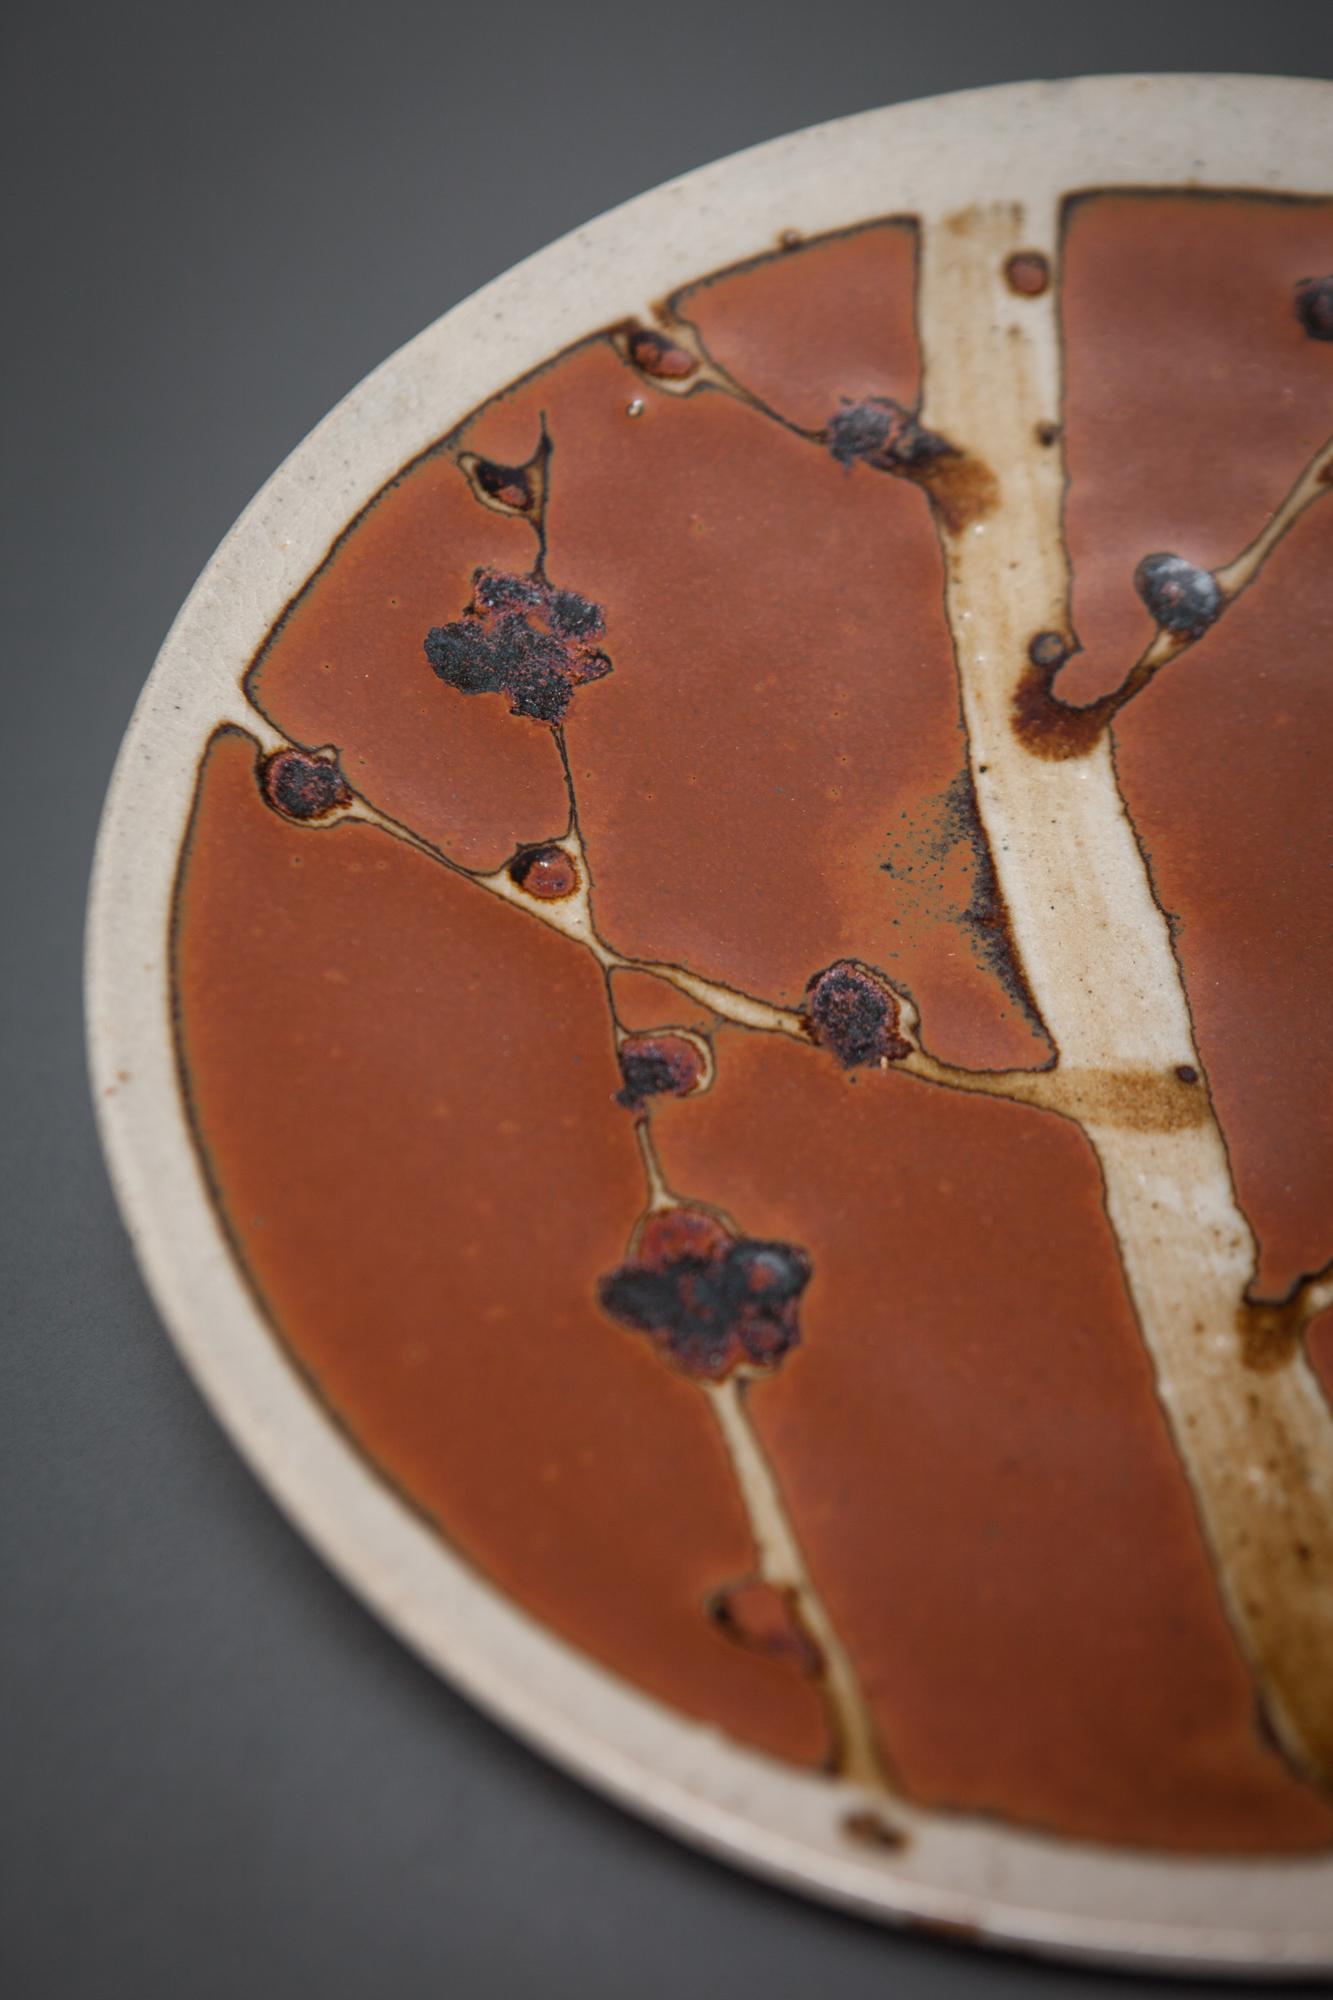 Ceramic Plate, Persimmon Glaze of Plum Design